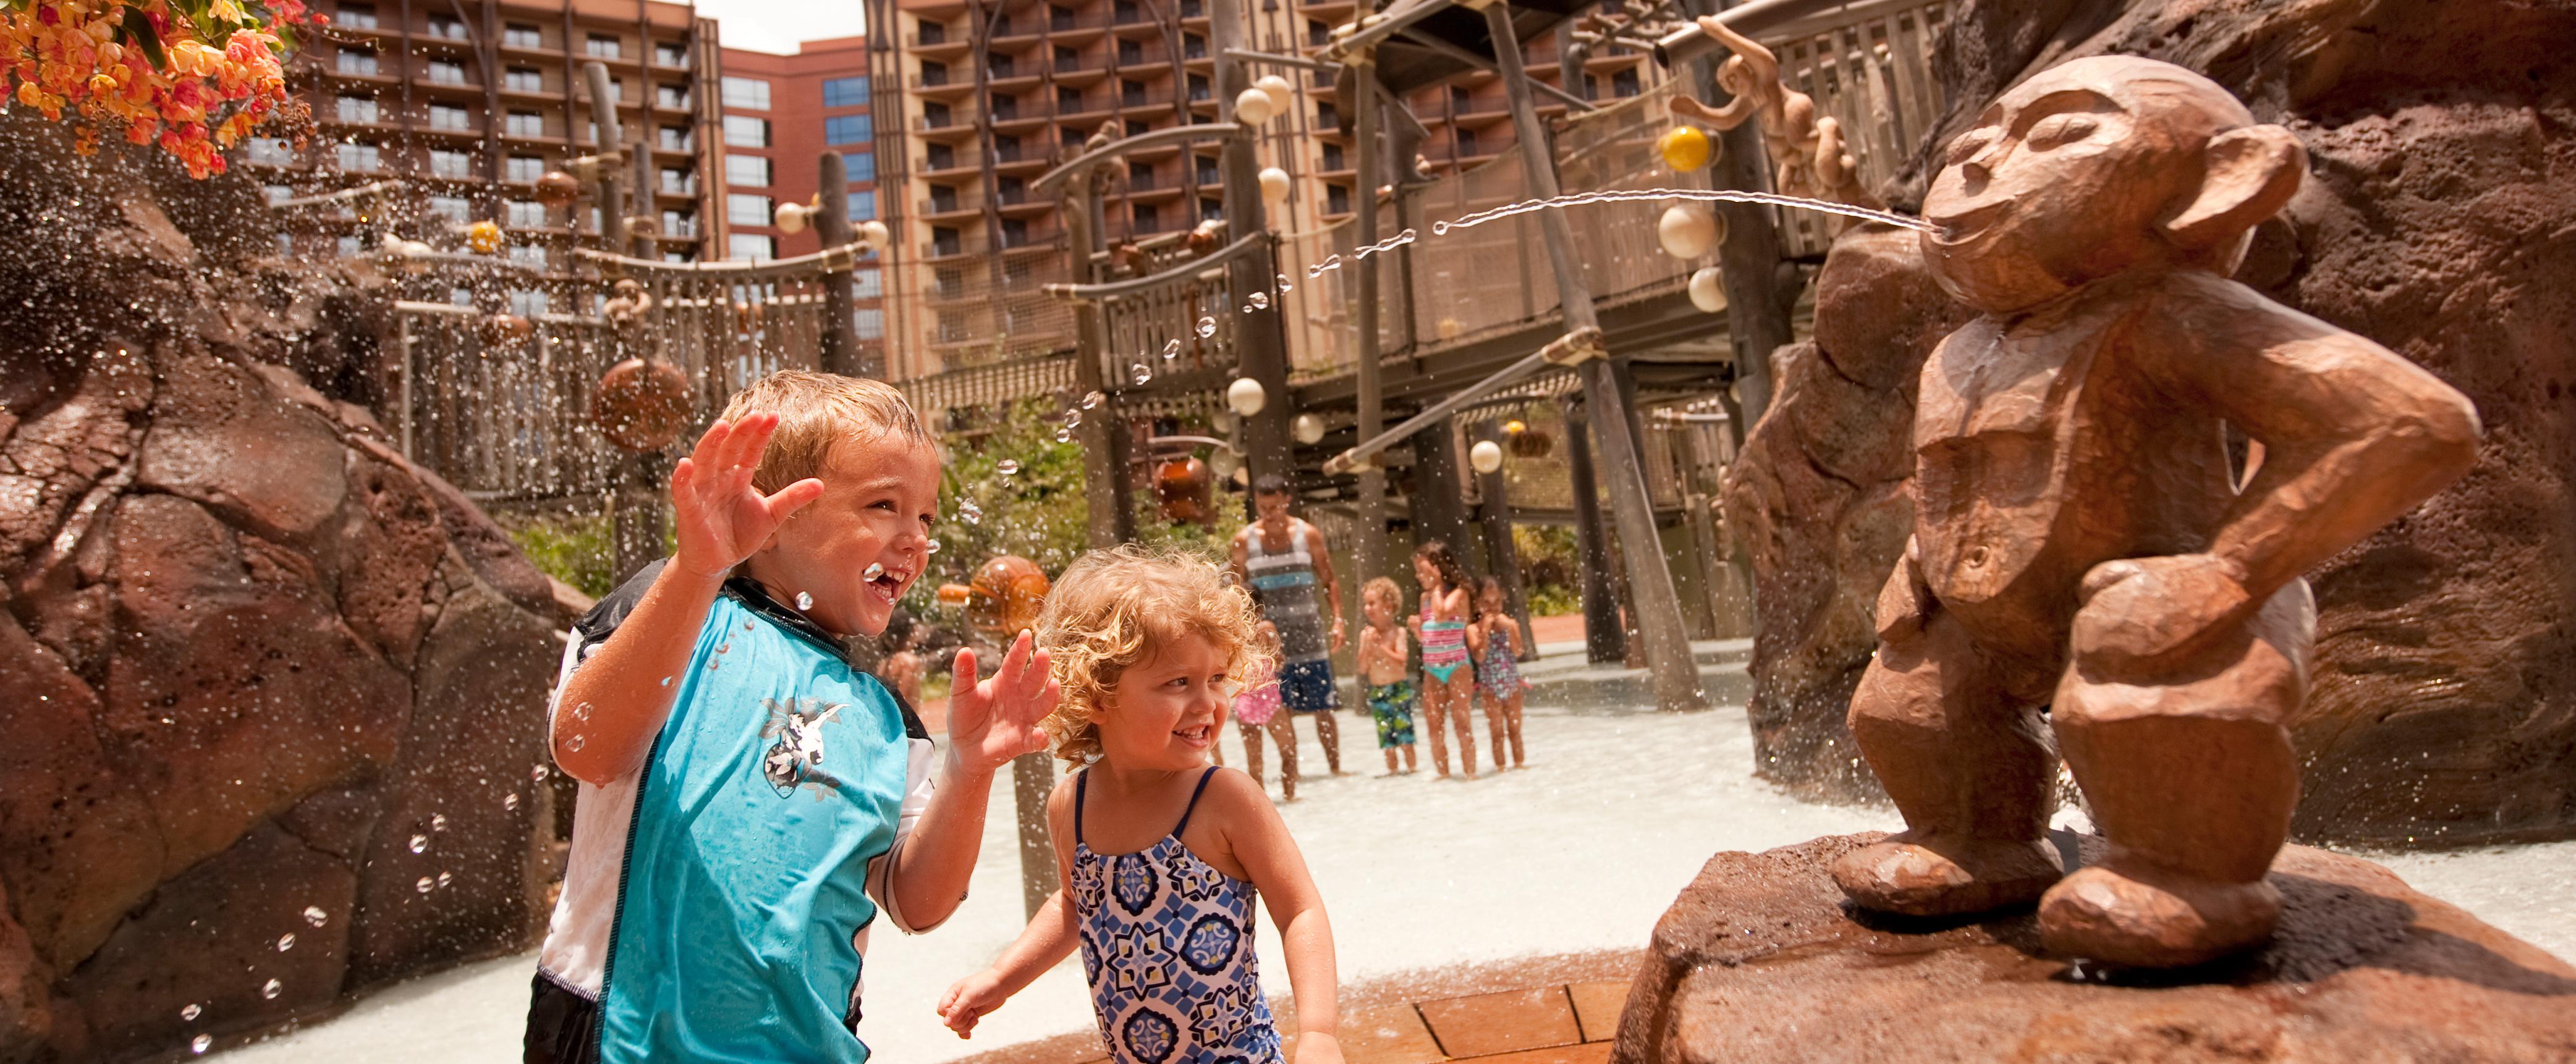 Kids play at Menehune Bridge in the Aulani pool area